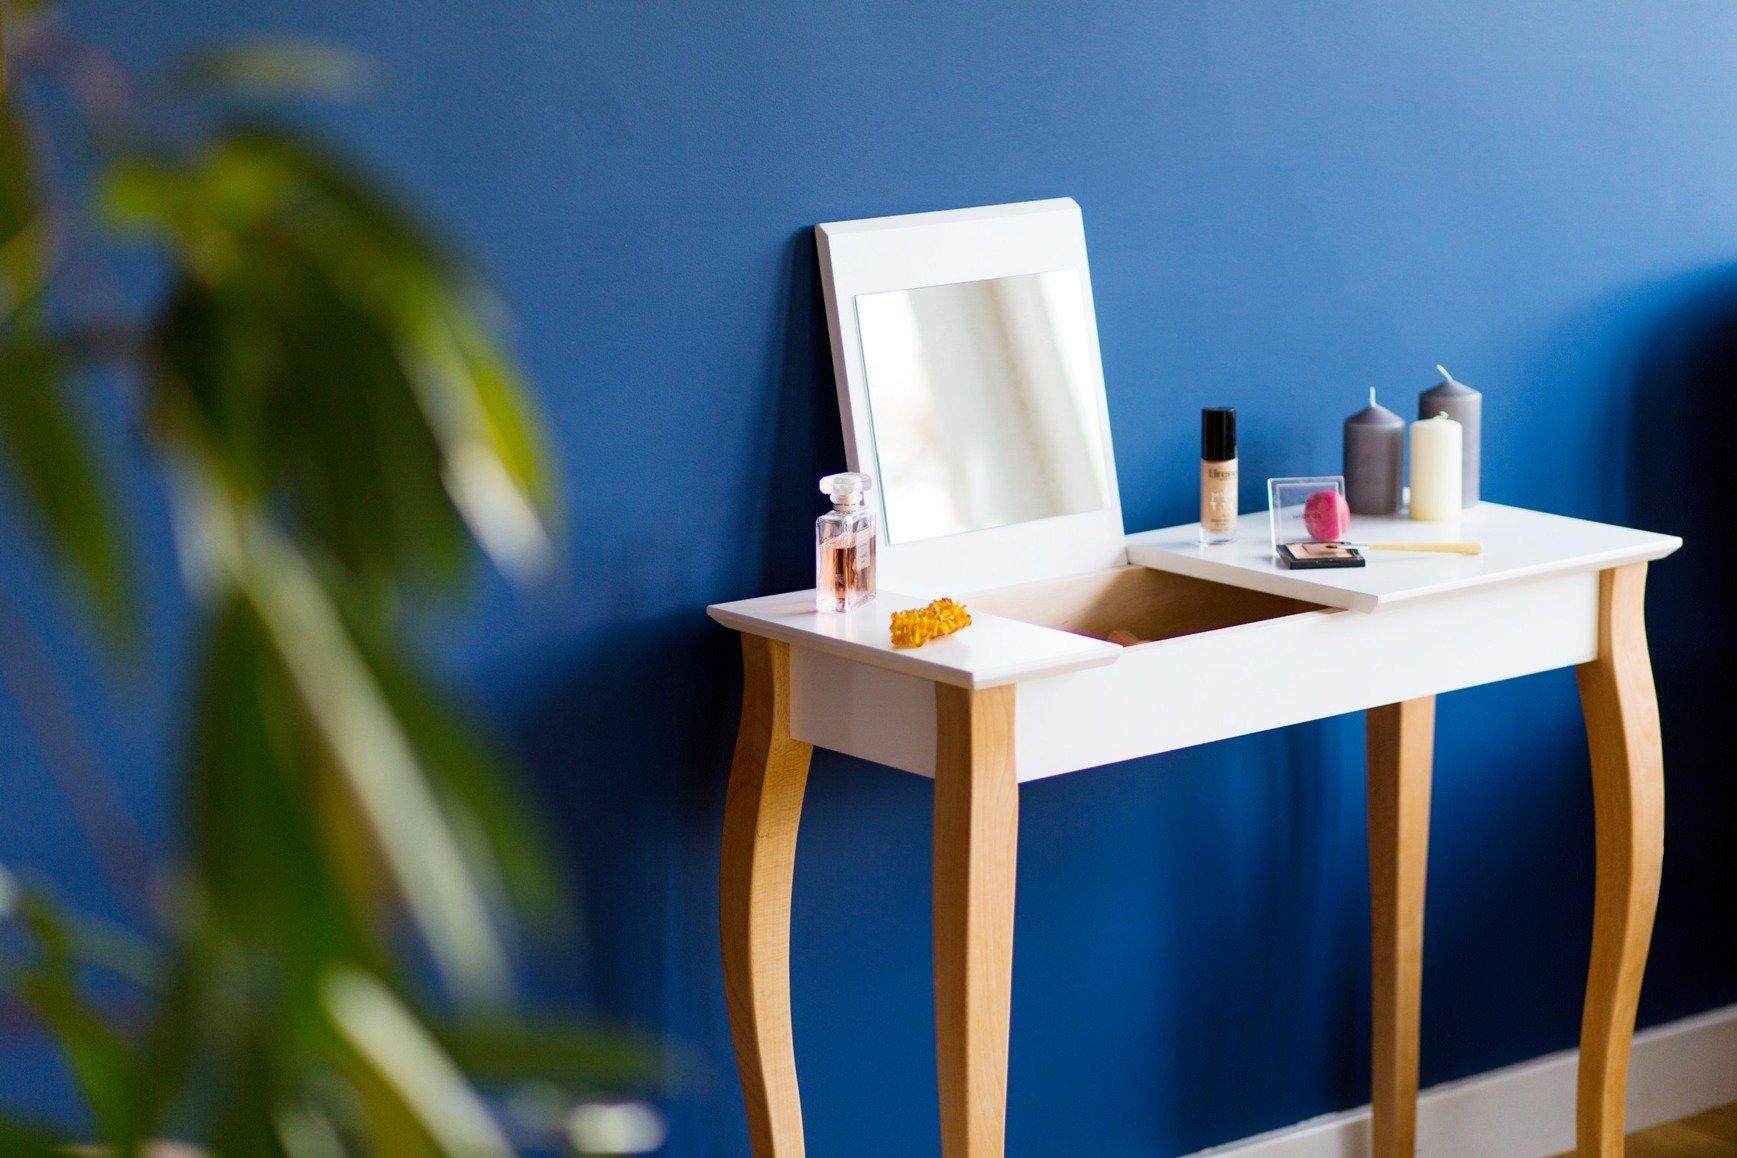 lillo large schminktisch mit spiegel flaschengr n flaschengr n m bel konsolentisch m bel. Black Bedroom Furniture Sets. Home Design Ideas